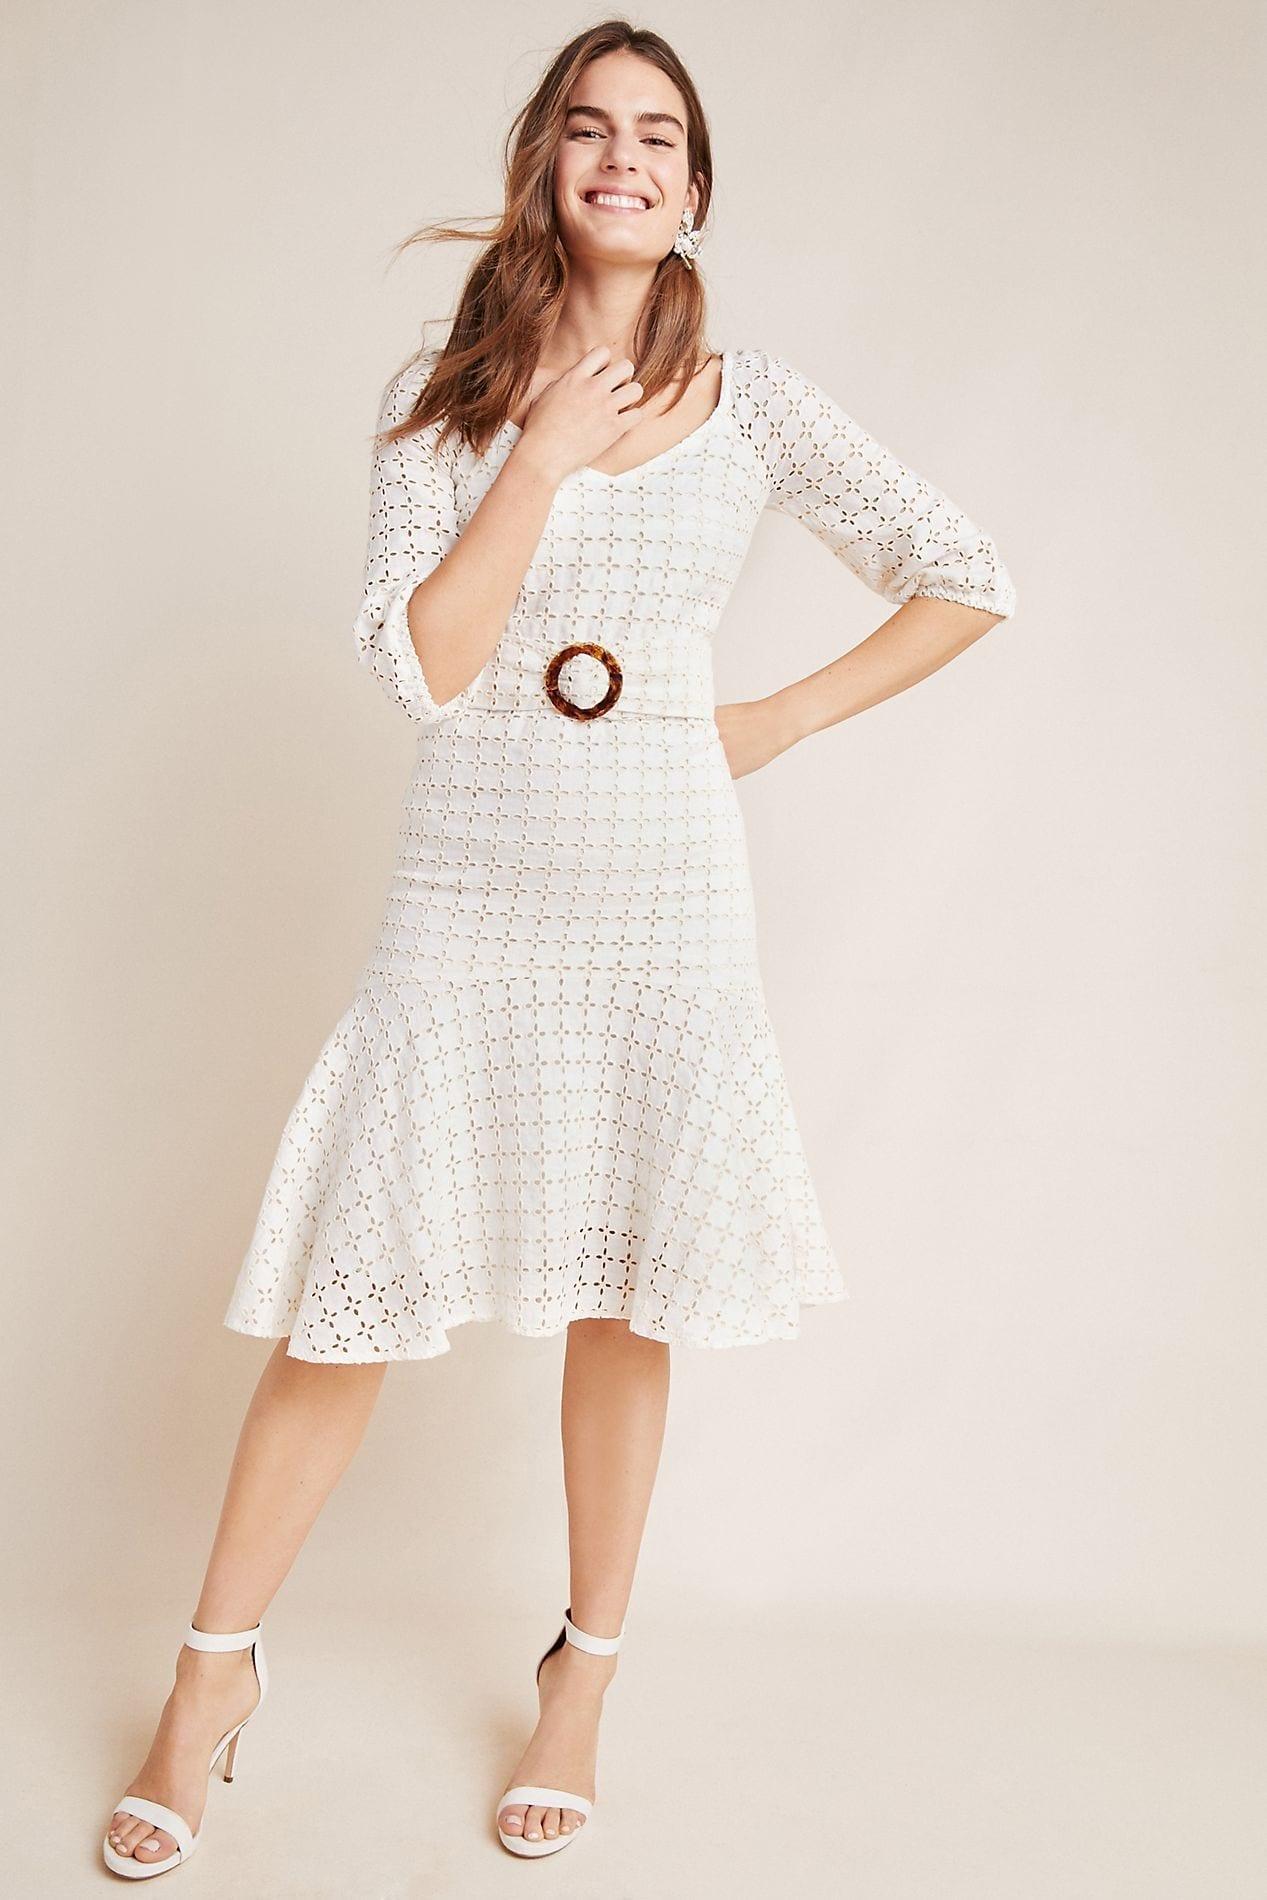 MAEVE Belted Eyelet White Dress